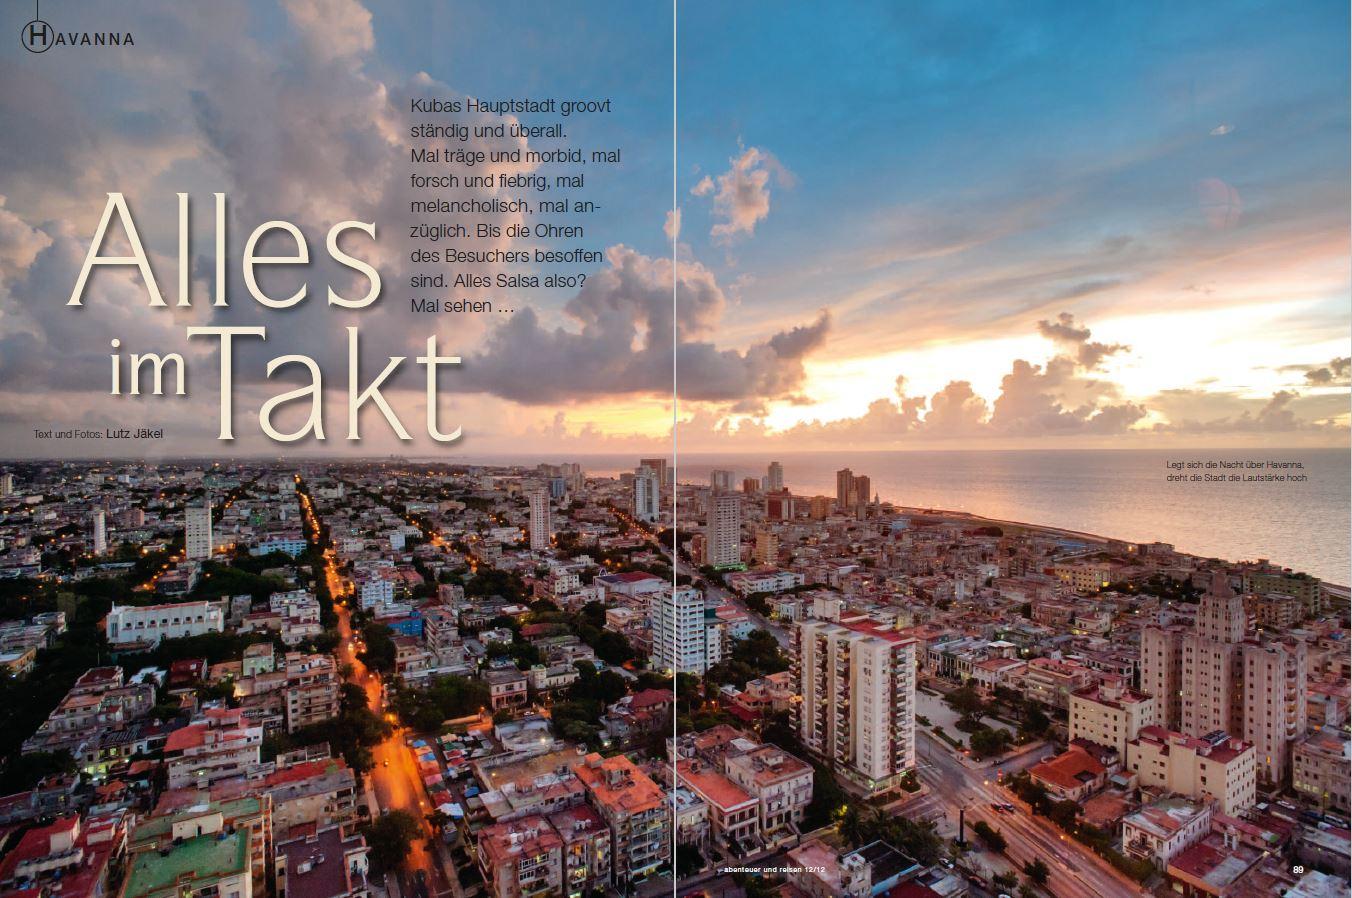 Havanna – Alles im Takt